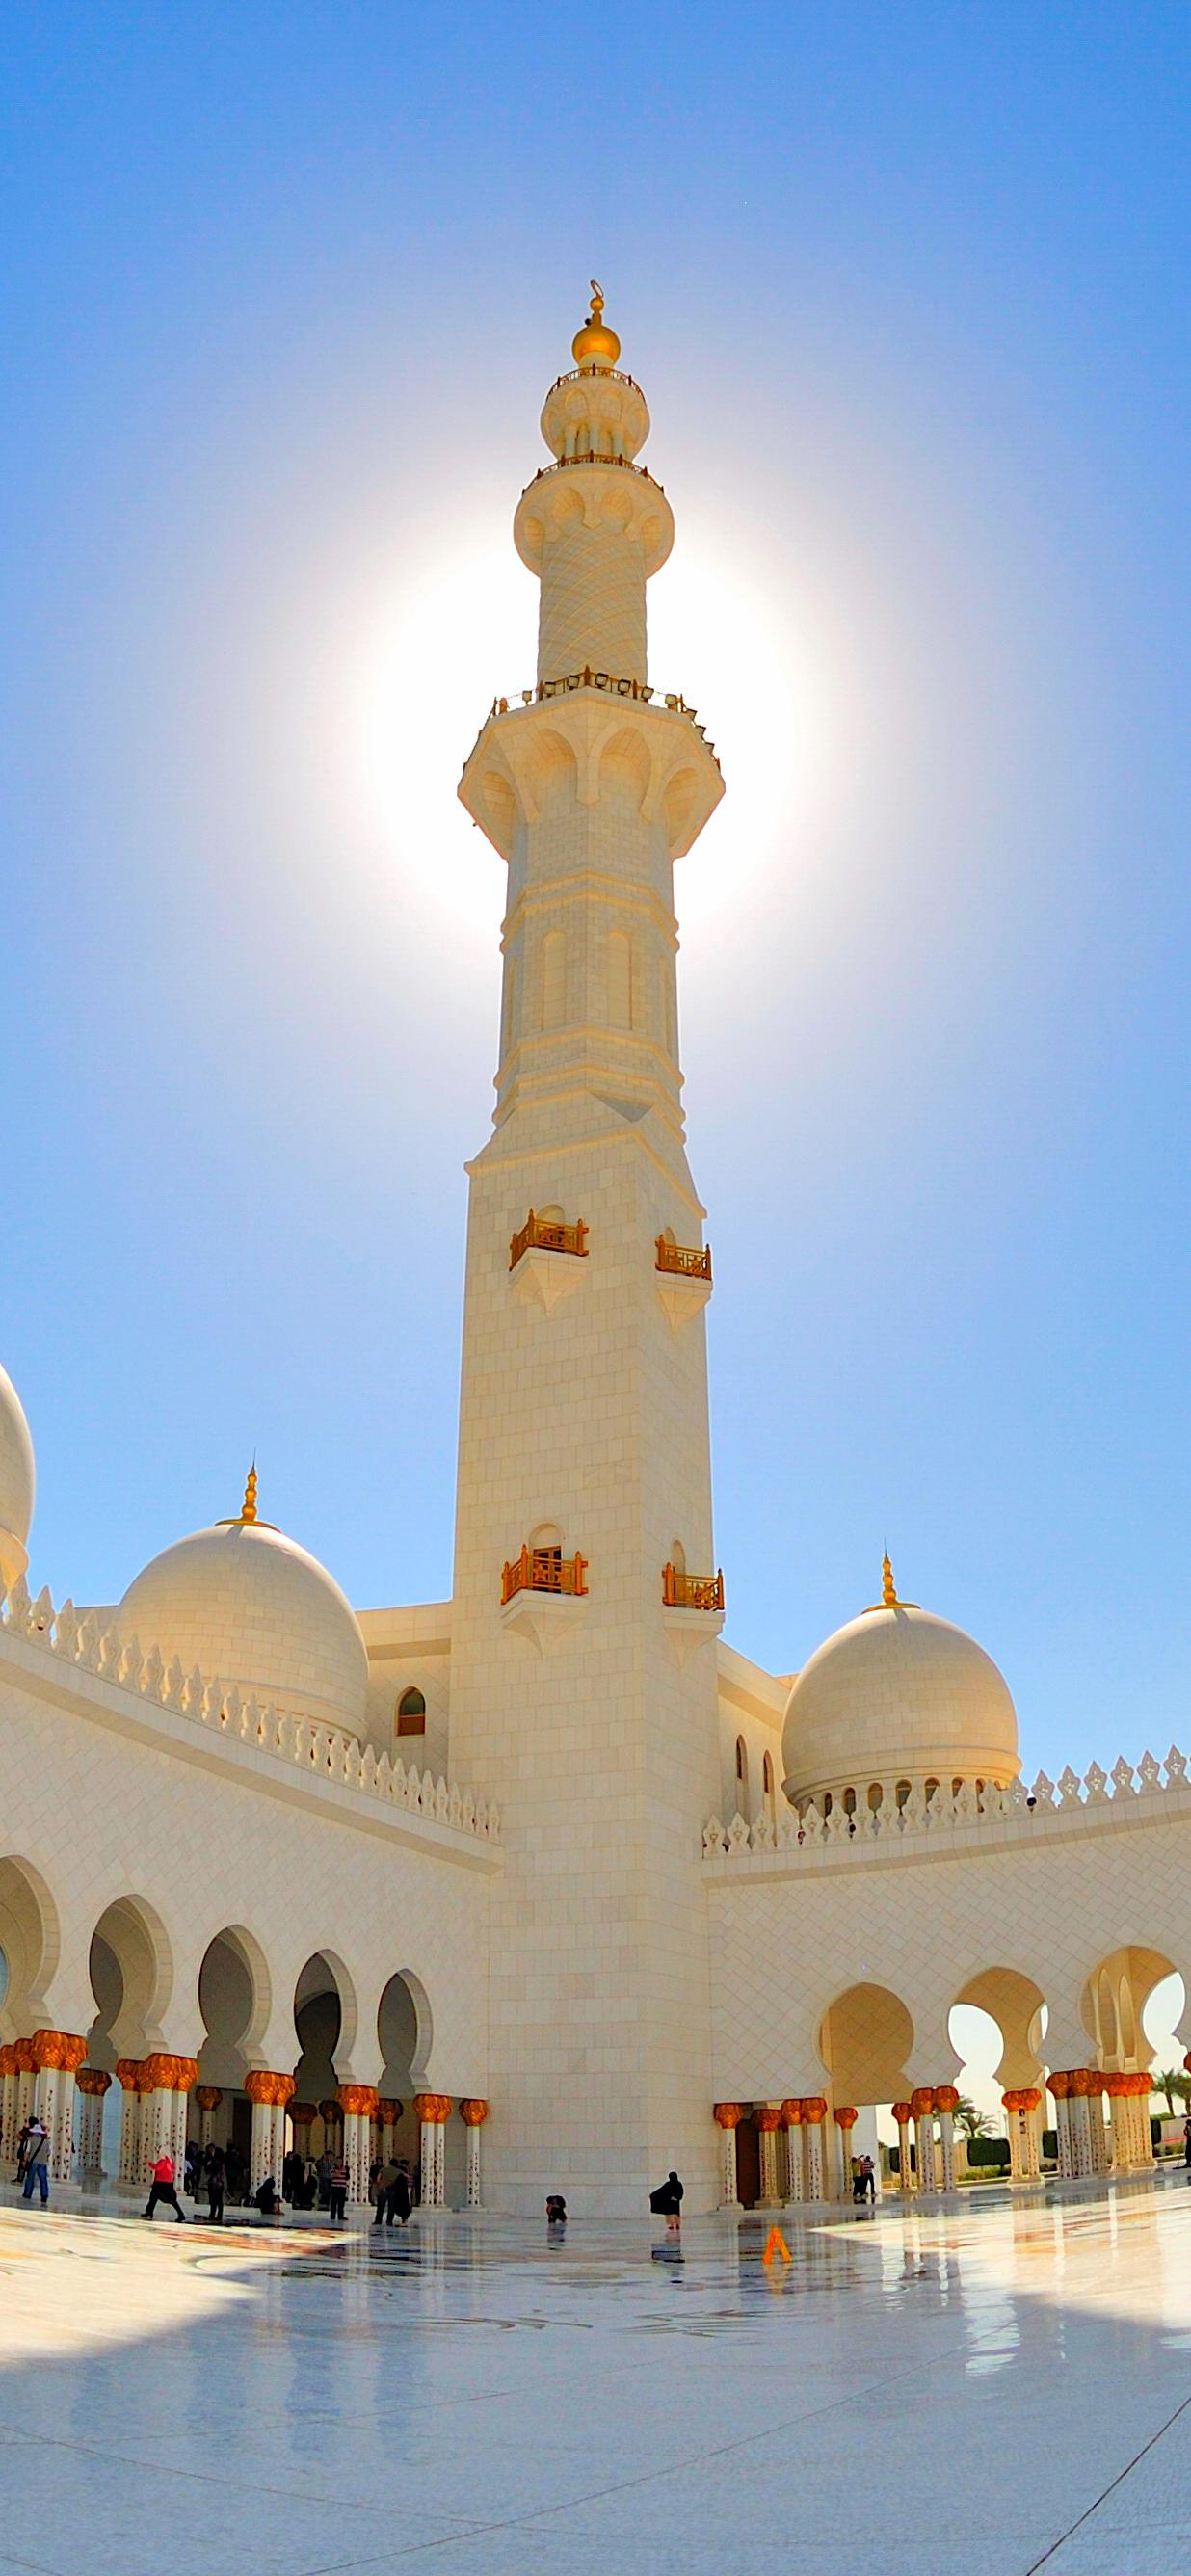 Minaret at Sheik Zayed Bin Sultan Al Nahyan Mosque.